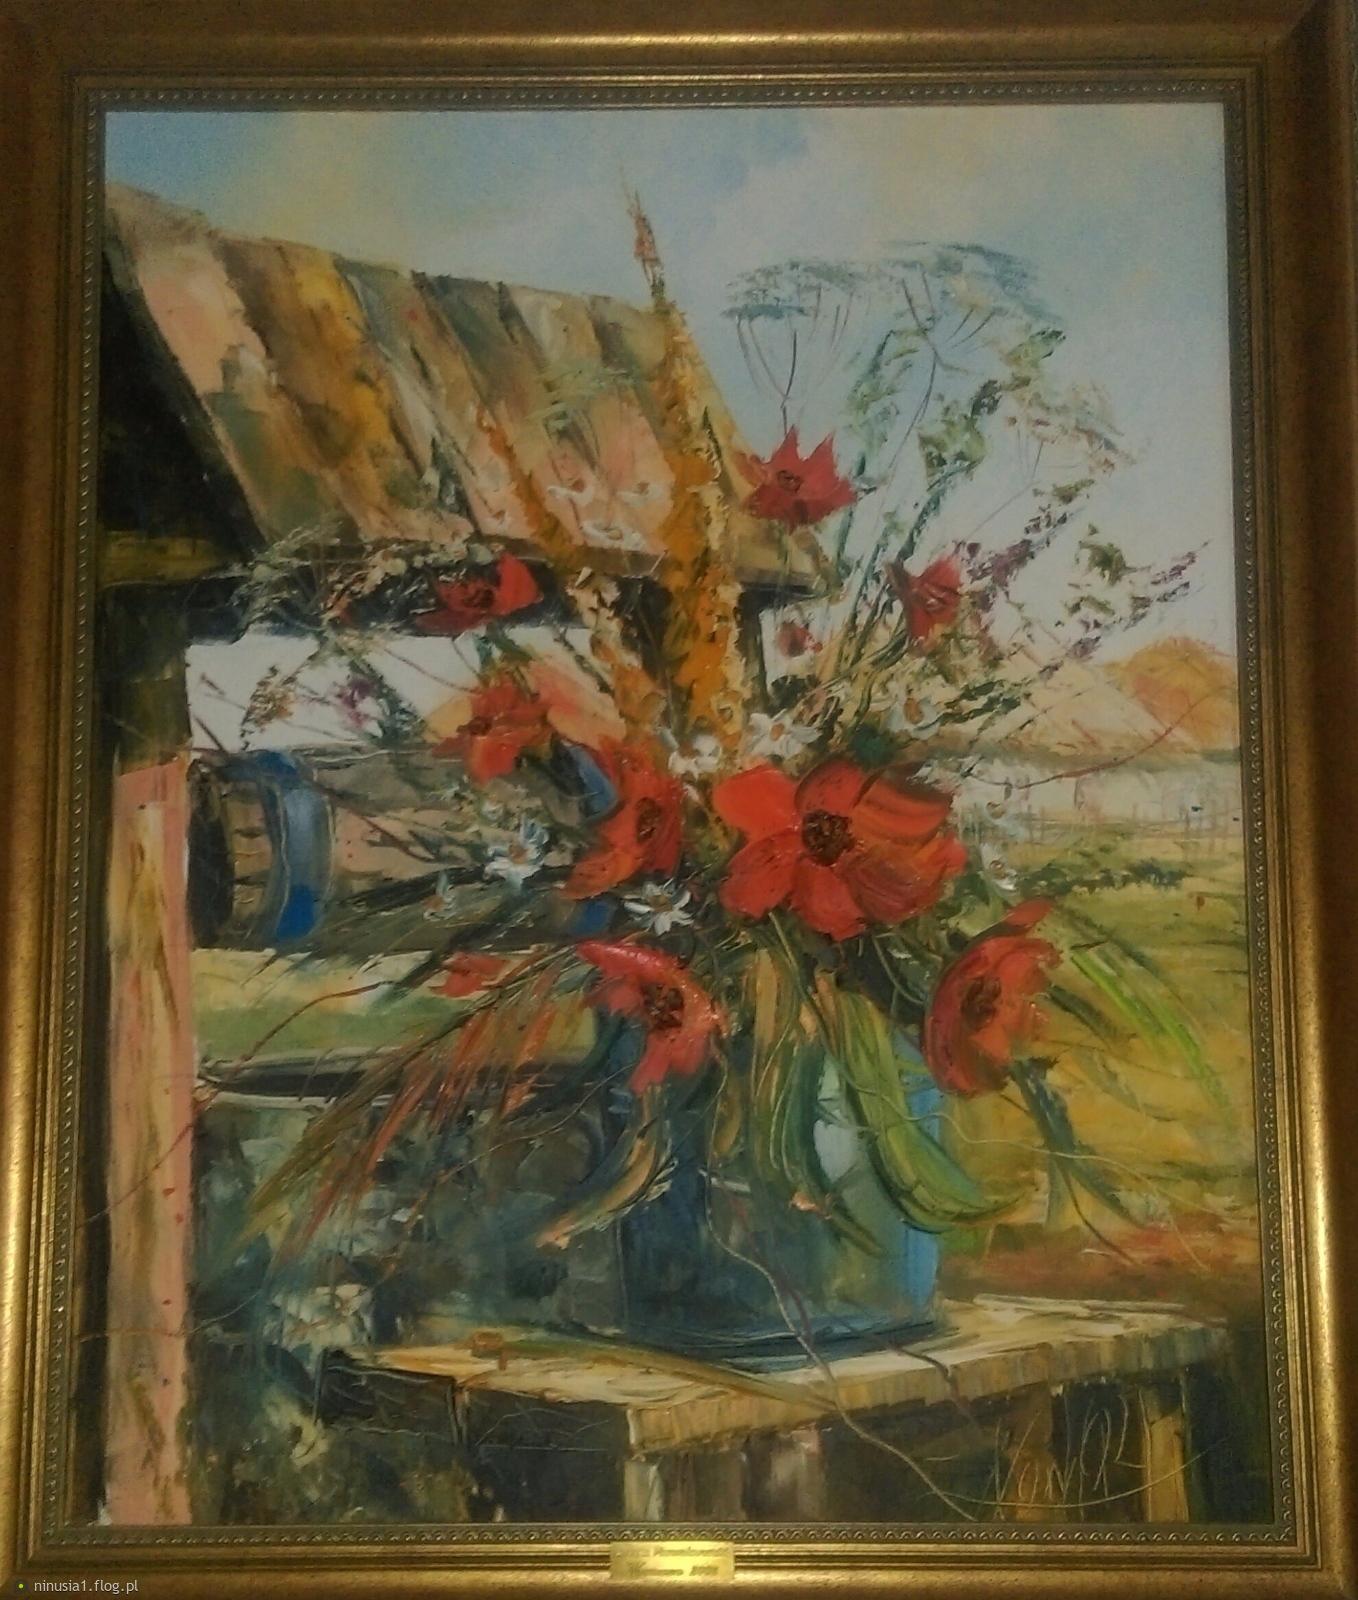 Moj prywatny obraz dla Ciebie Grażynko, zamiast wiosny.  Dziękuję za miłe odwiedziny.:)